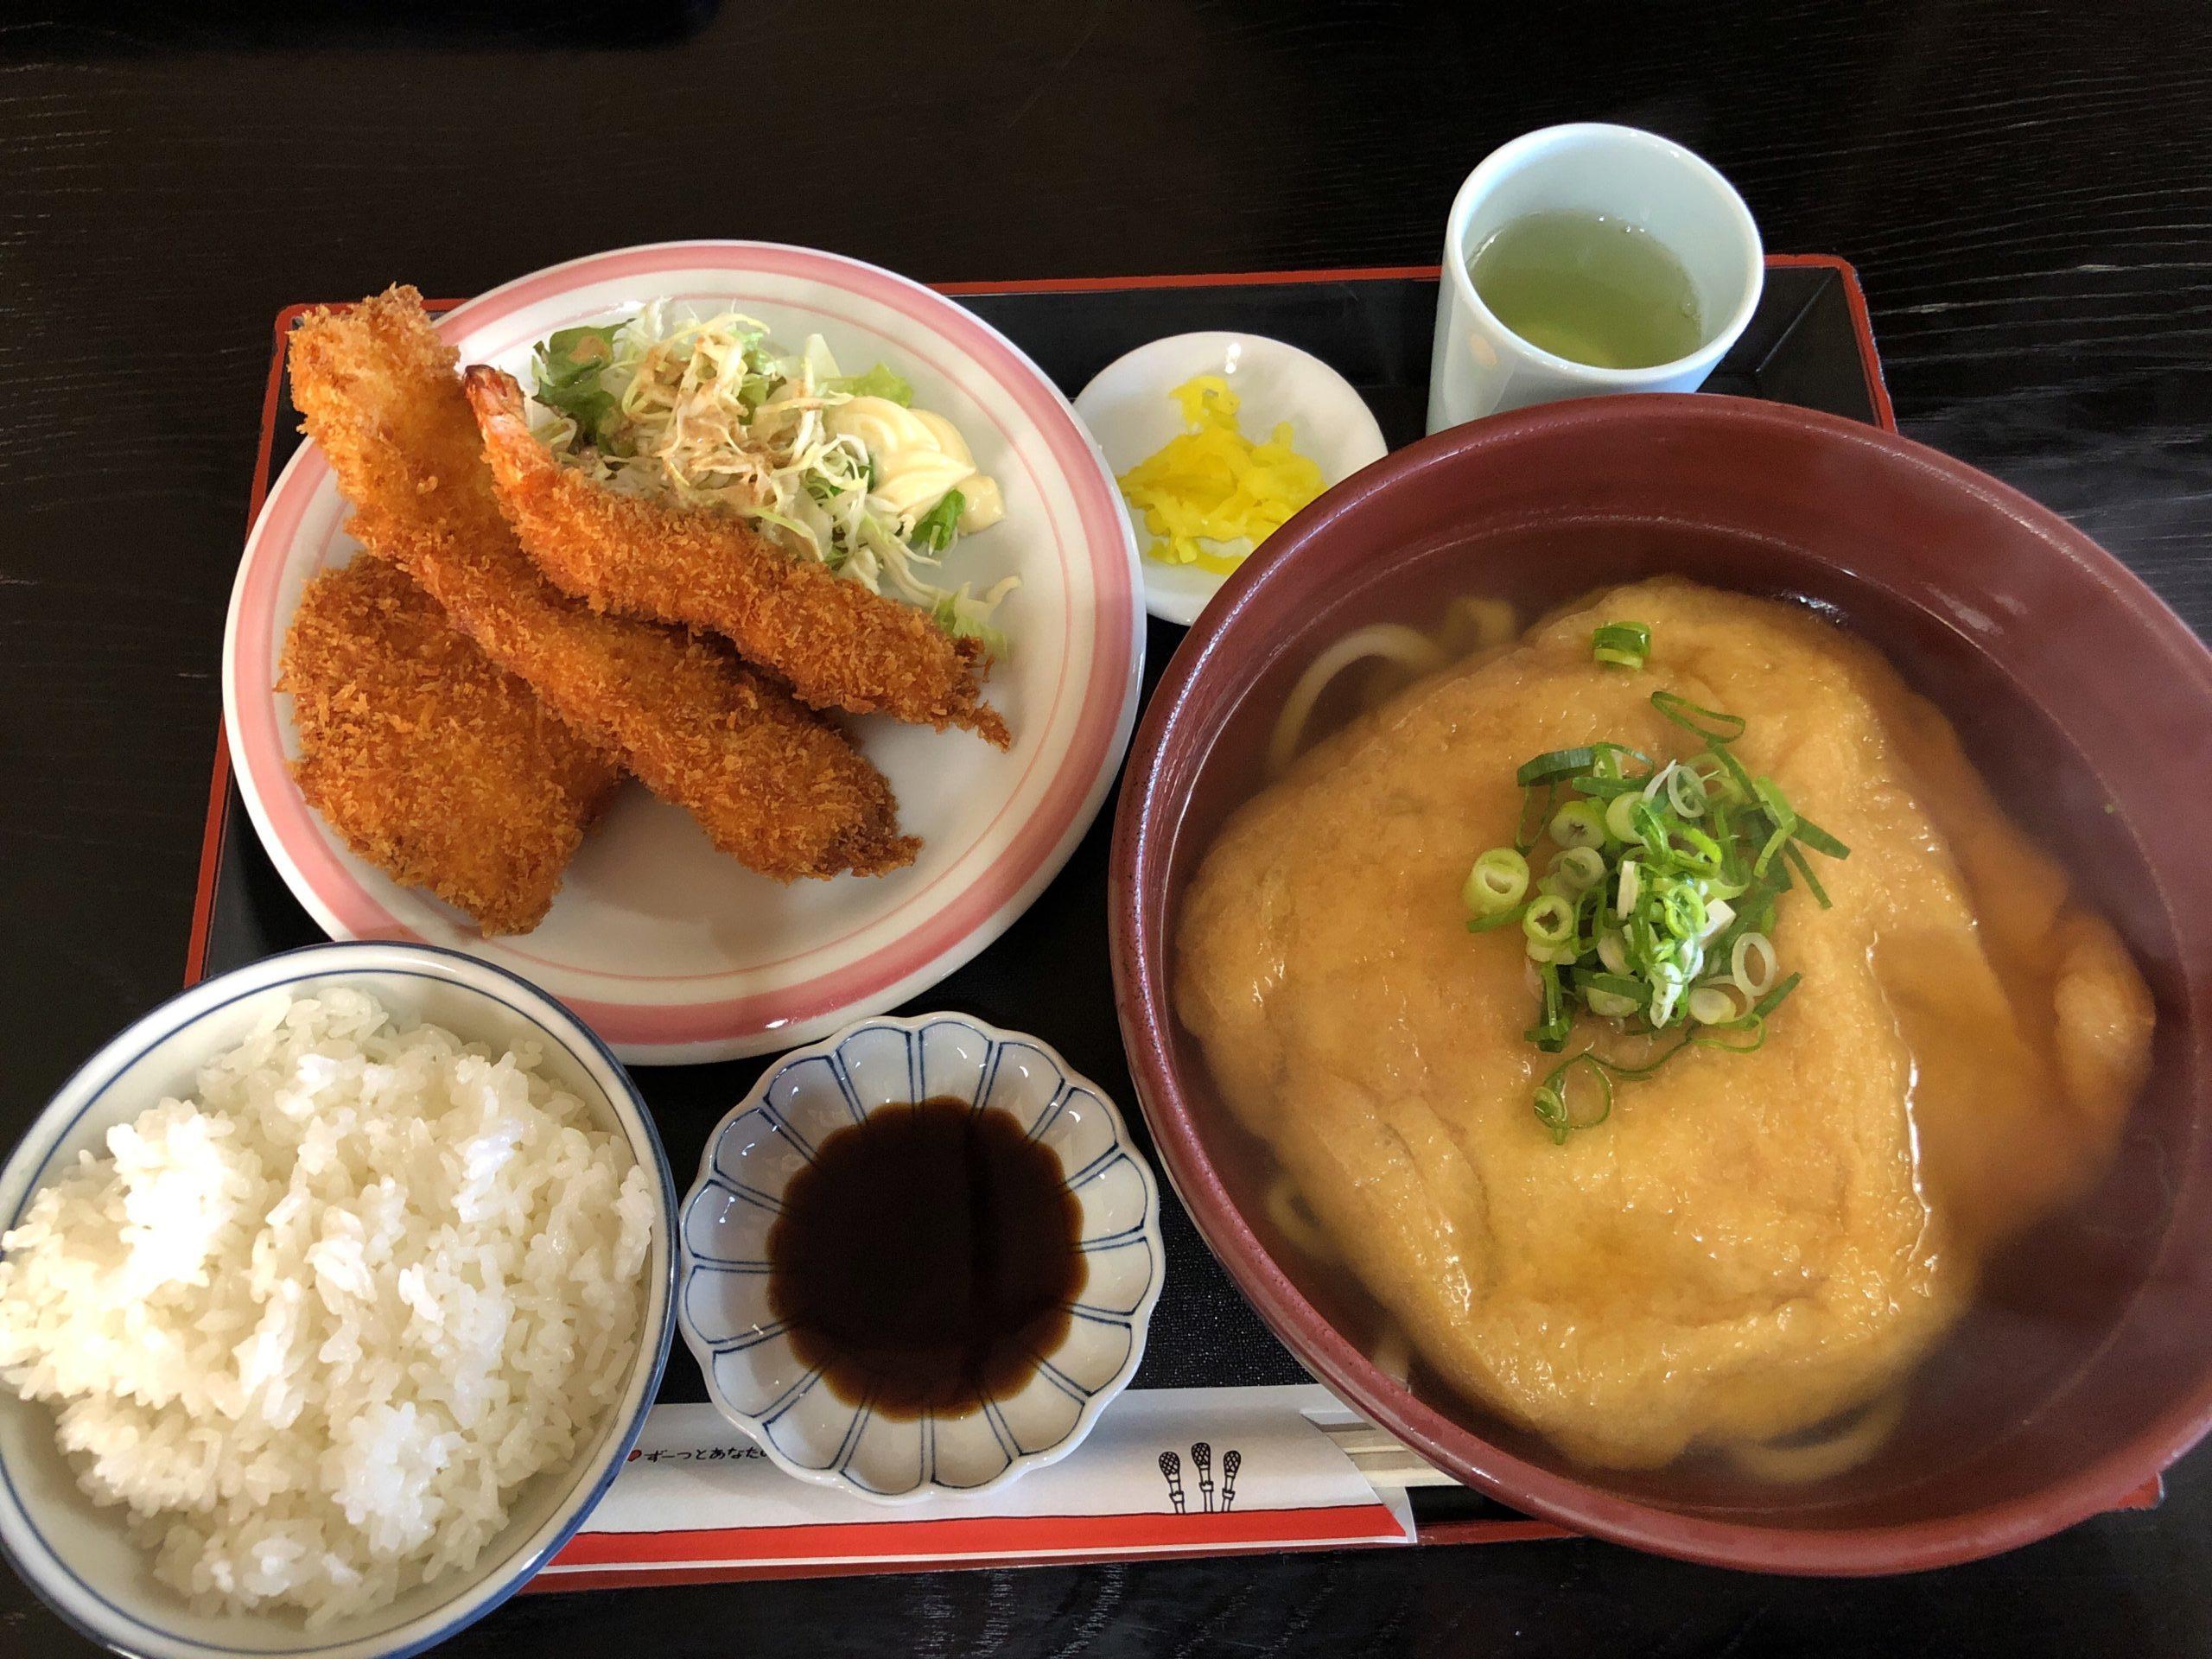 吉野川市川島町「手打ちうどん・いろは」きつねうどん定食にビックリ